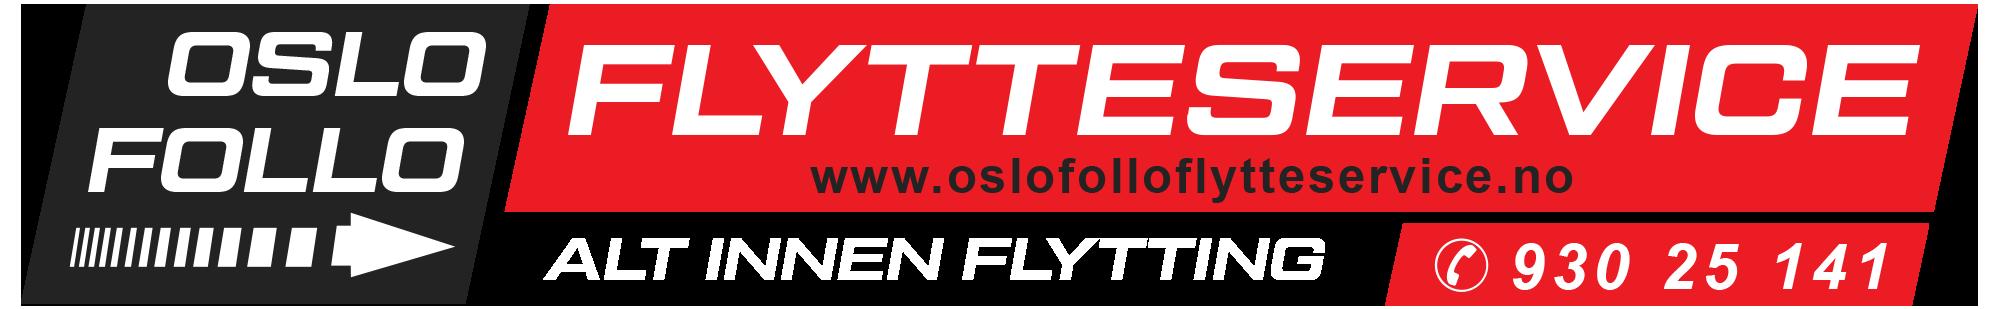 Oslo Follo Flytteservice